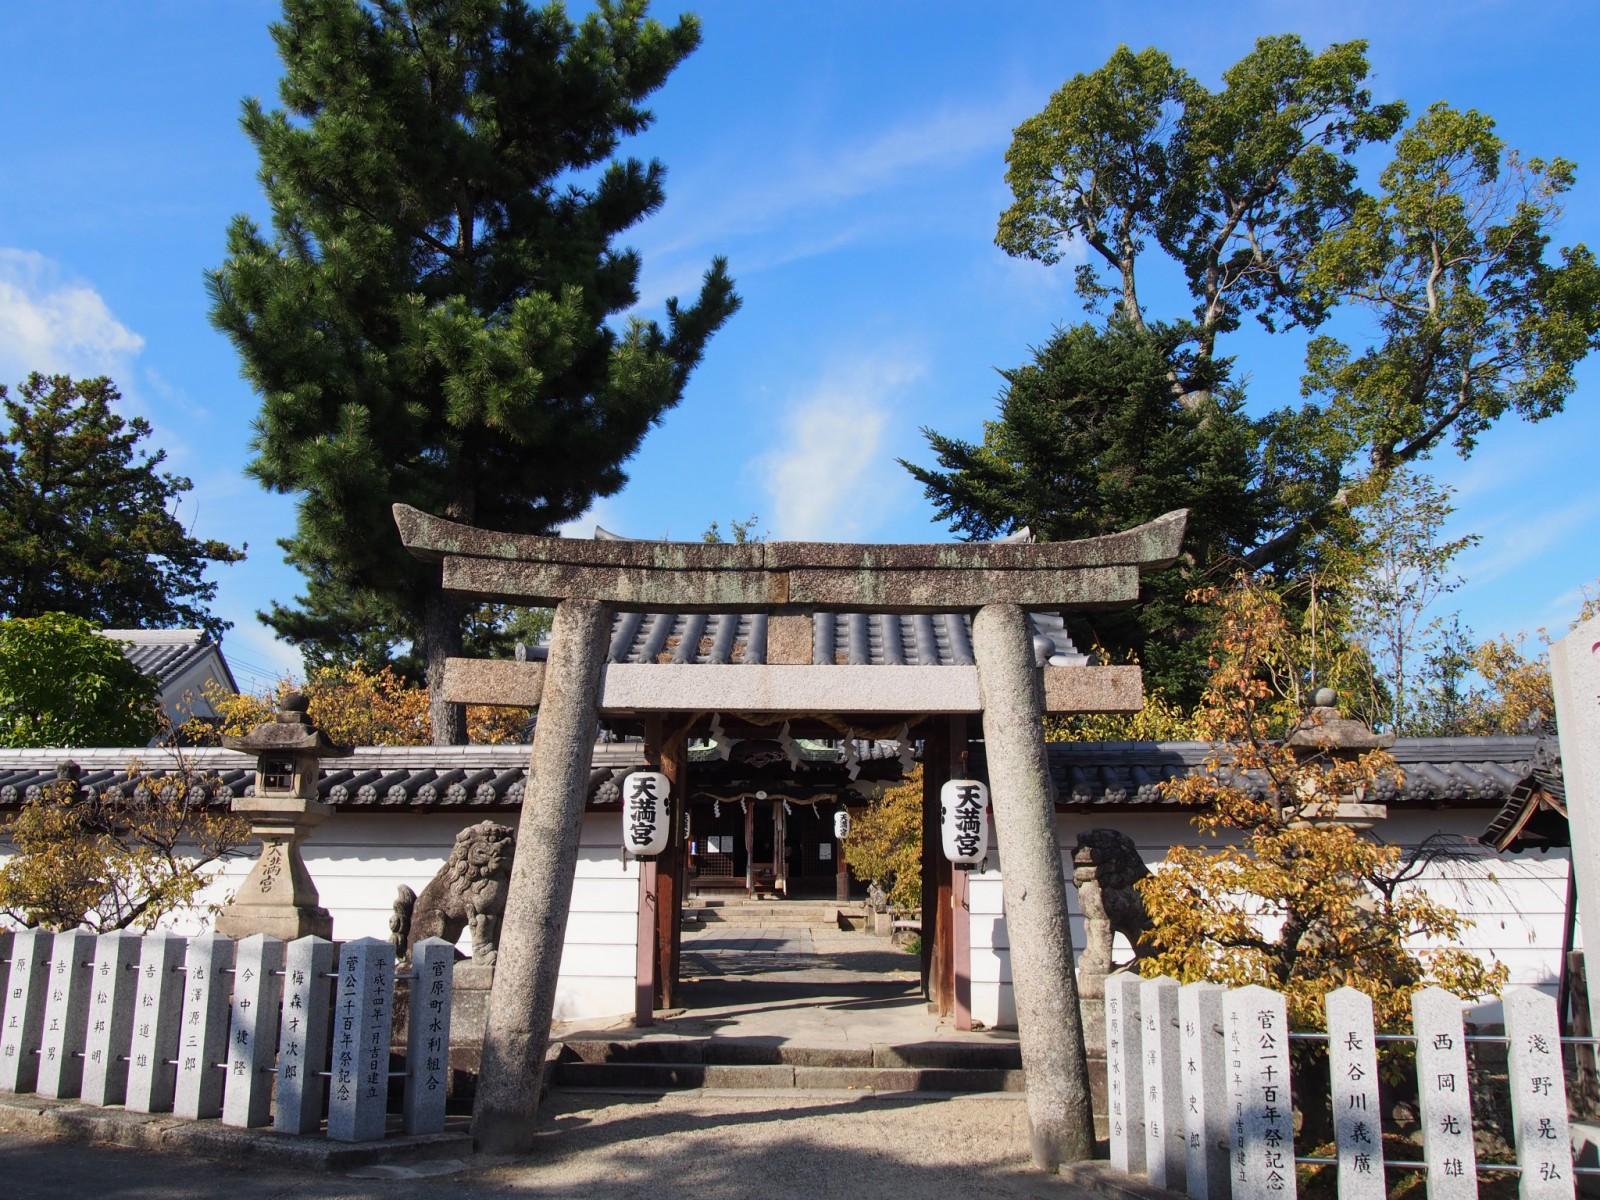 菅原天満宮(奈良市)